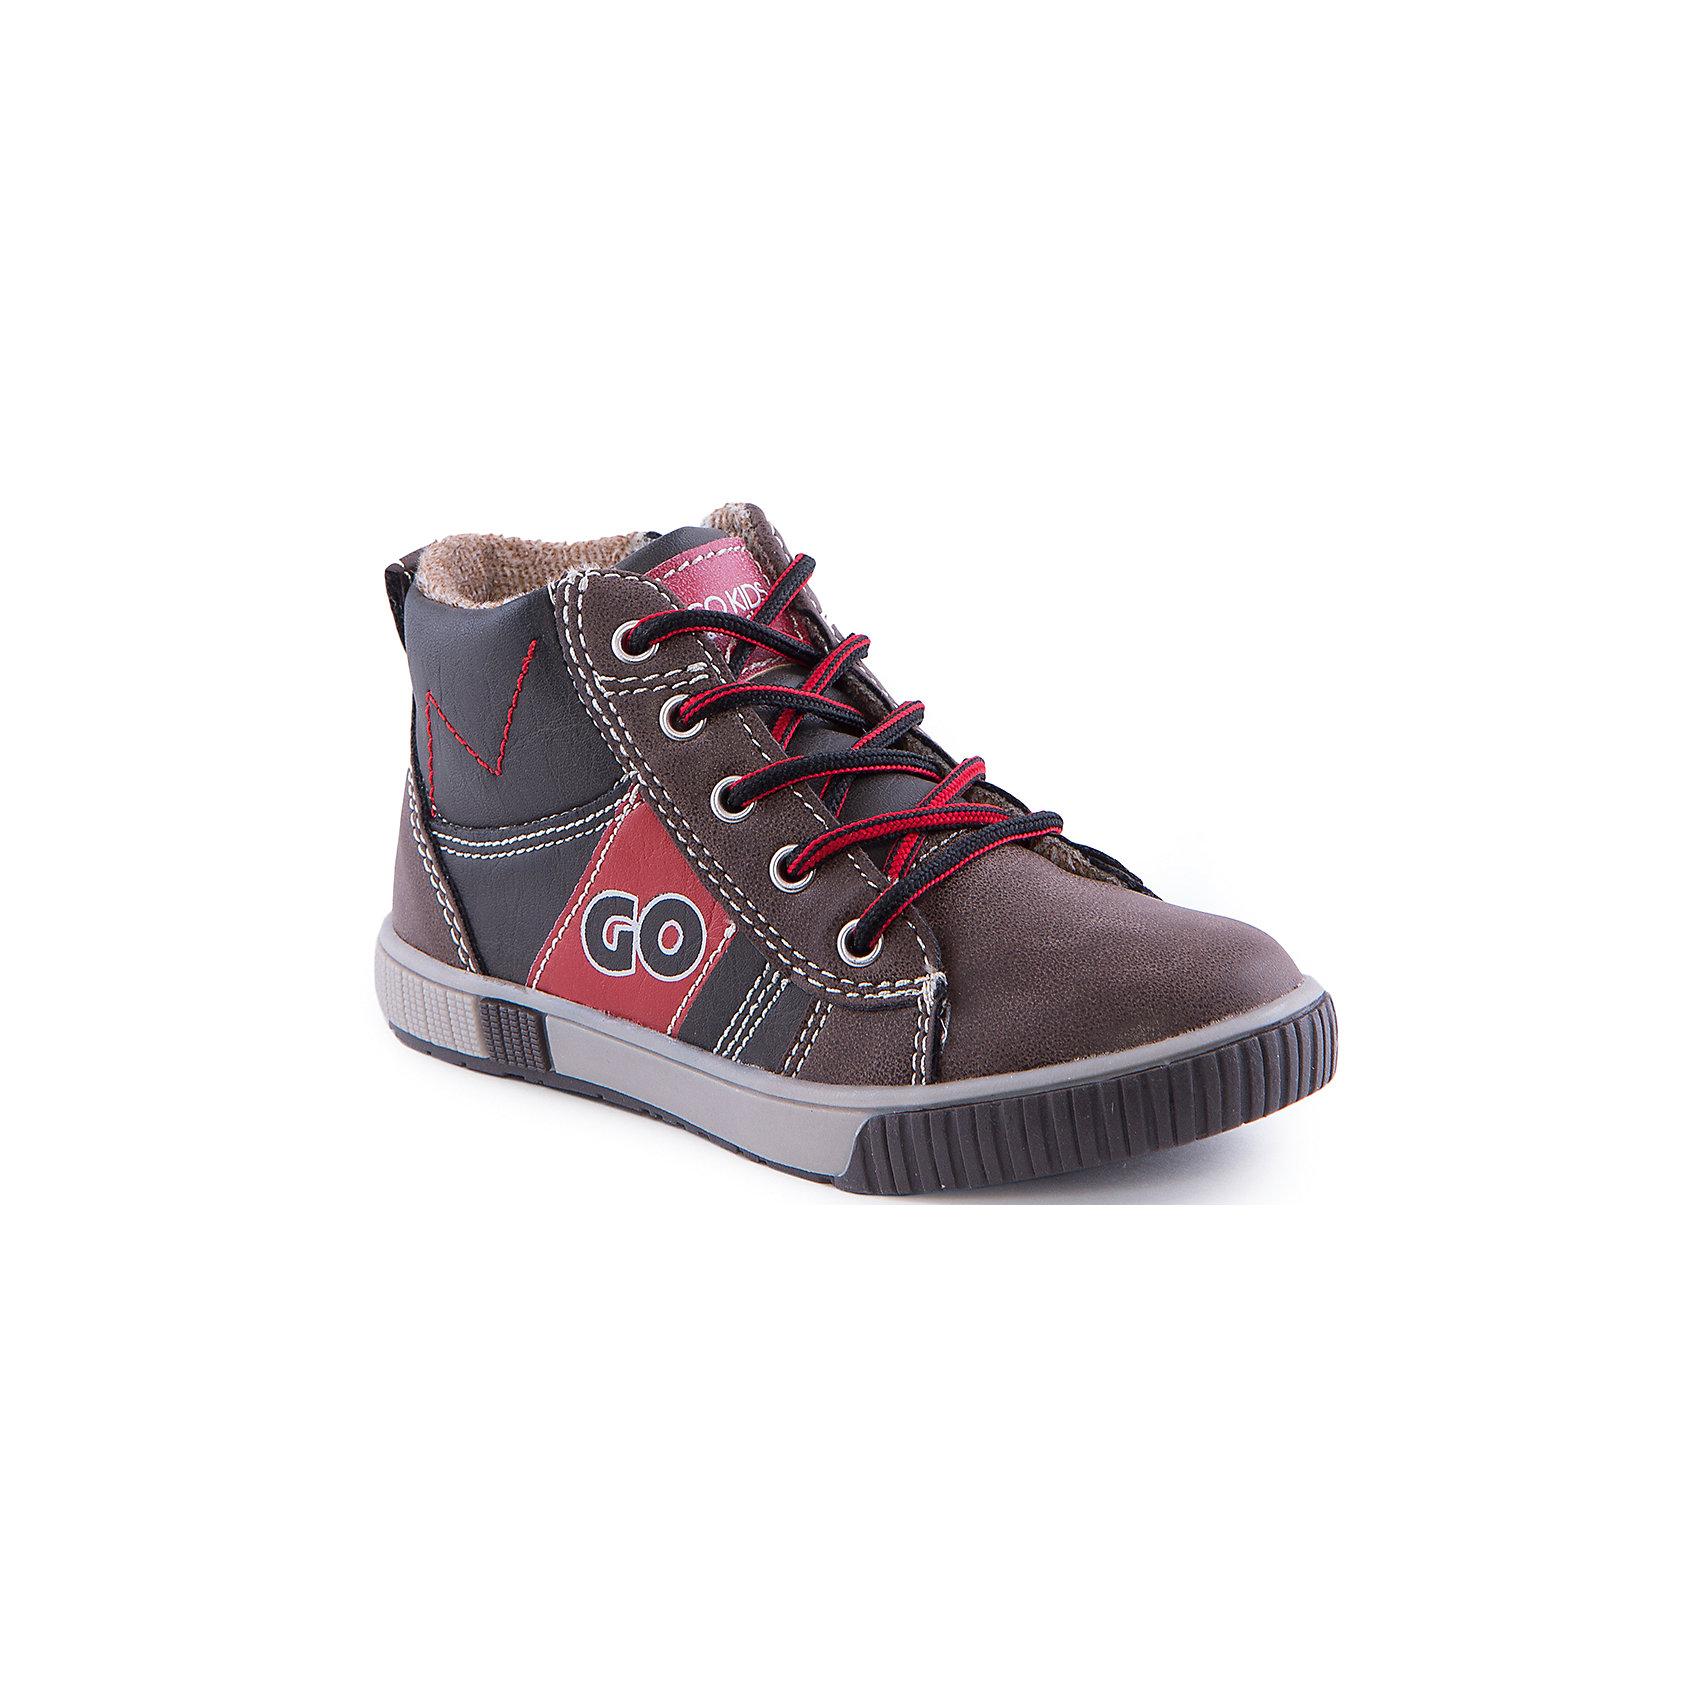 Кеды для мальчика Indigo kidsКеды<br>Ботинки для мальчика от известного бренда Indigo kids<br><br>Модные кеды могут быть и очень удобными! Эти удобные кеды легко надеваются благодаря шнуровке и молнии и комфортно садятся по ноге. <br><br>Особенности модели:<br><br>- цвет - коричневый;<br>- стильный дизайн;<br>- удобная колодка;<br>- текстильная подкладка;<br>- украшены контрастной прострочкой и вставками;<br>- устойчивая подошва;<br>- контрастные шнурки;<br>- застежки: шнуровка, молния.<br><br>Дополнительная информация:<br><br>Температурный режим:<br>от +5° С до +20° С<br><br>Состав:<br><br>верх – искусственная кожа;<br>подкладка - текстиль;<br>подошва - ТЭП.<br><br>Ботинки для девочки Indigo kids (Индиго Кидс) можно купить в нашем магазине.<br><br>Ширина мм: 262<br>Глубина мм: 176<br>Высота мм: 97<br>Вес г: 427<br>Цвет: серый<br>Возраст от месяцев: 24<br>Возраст до месяцев: 24<br>Пол: Мужской<br>Возраст: Детский<br>Размер: 25,27,30,29,28,26<br>SKU: 4520202